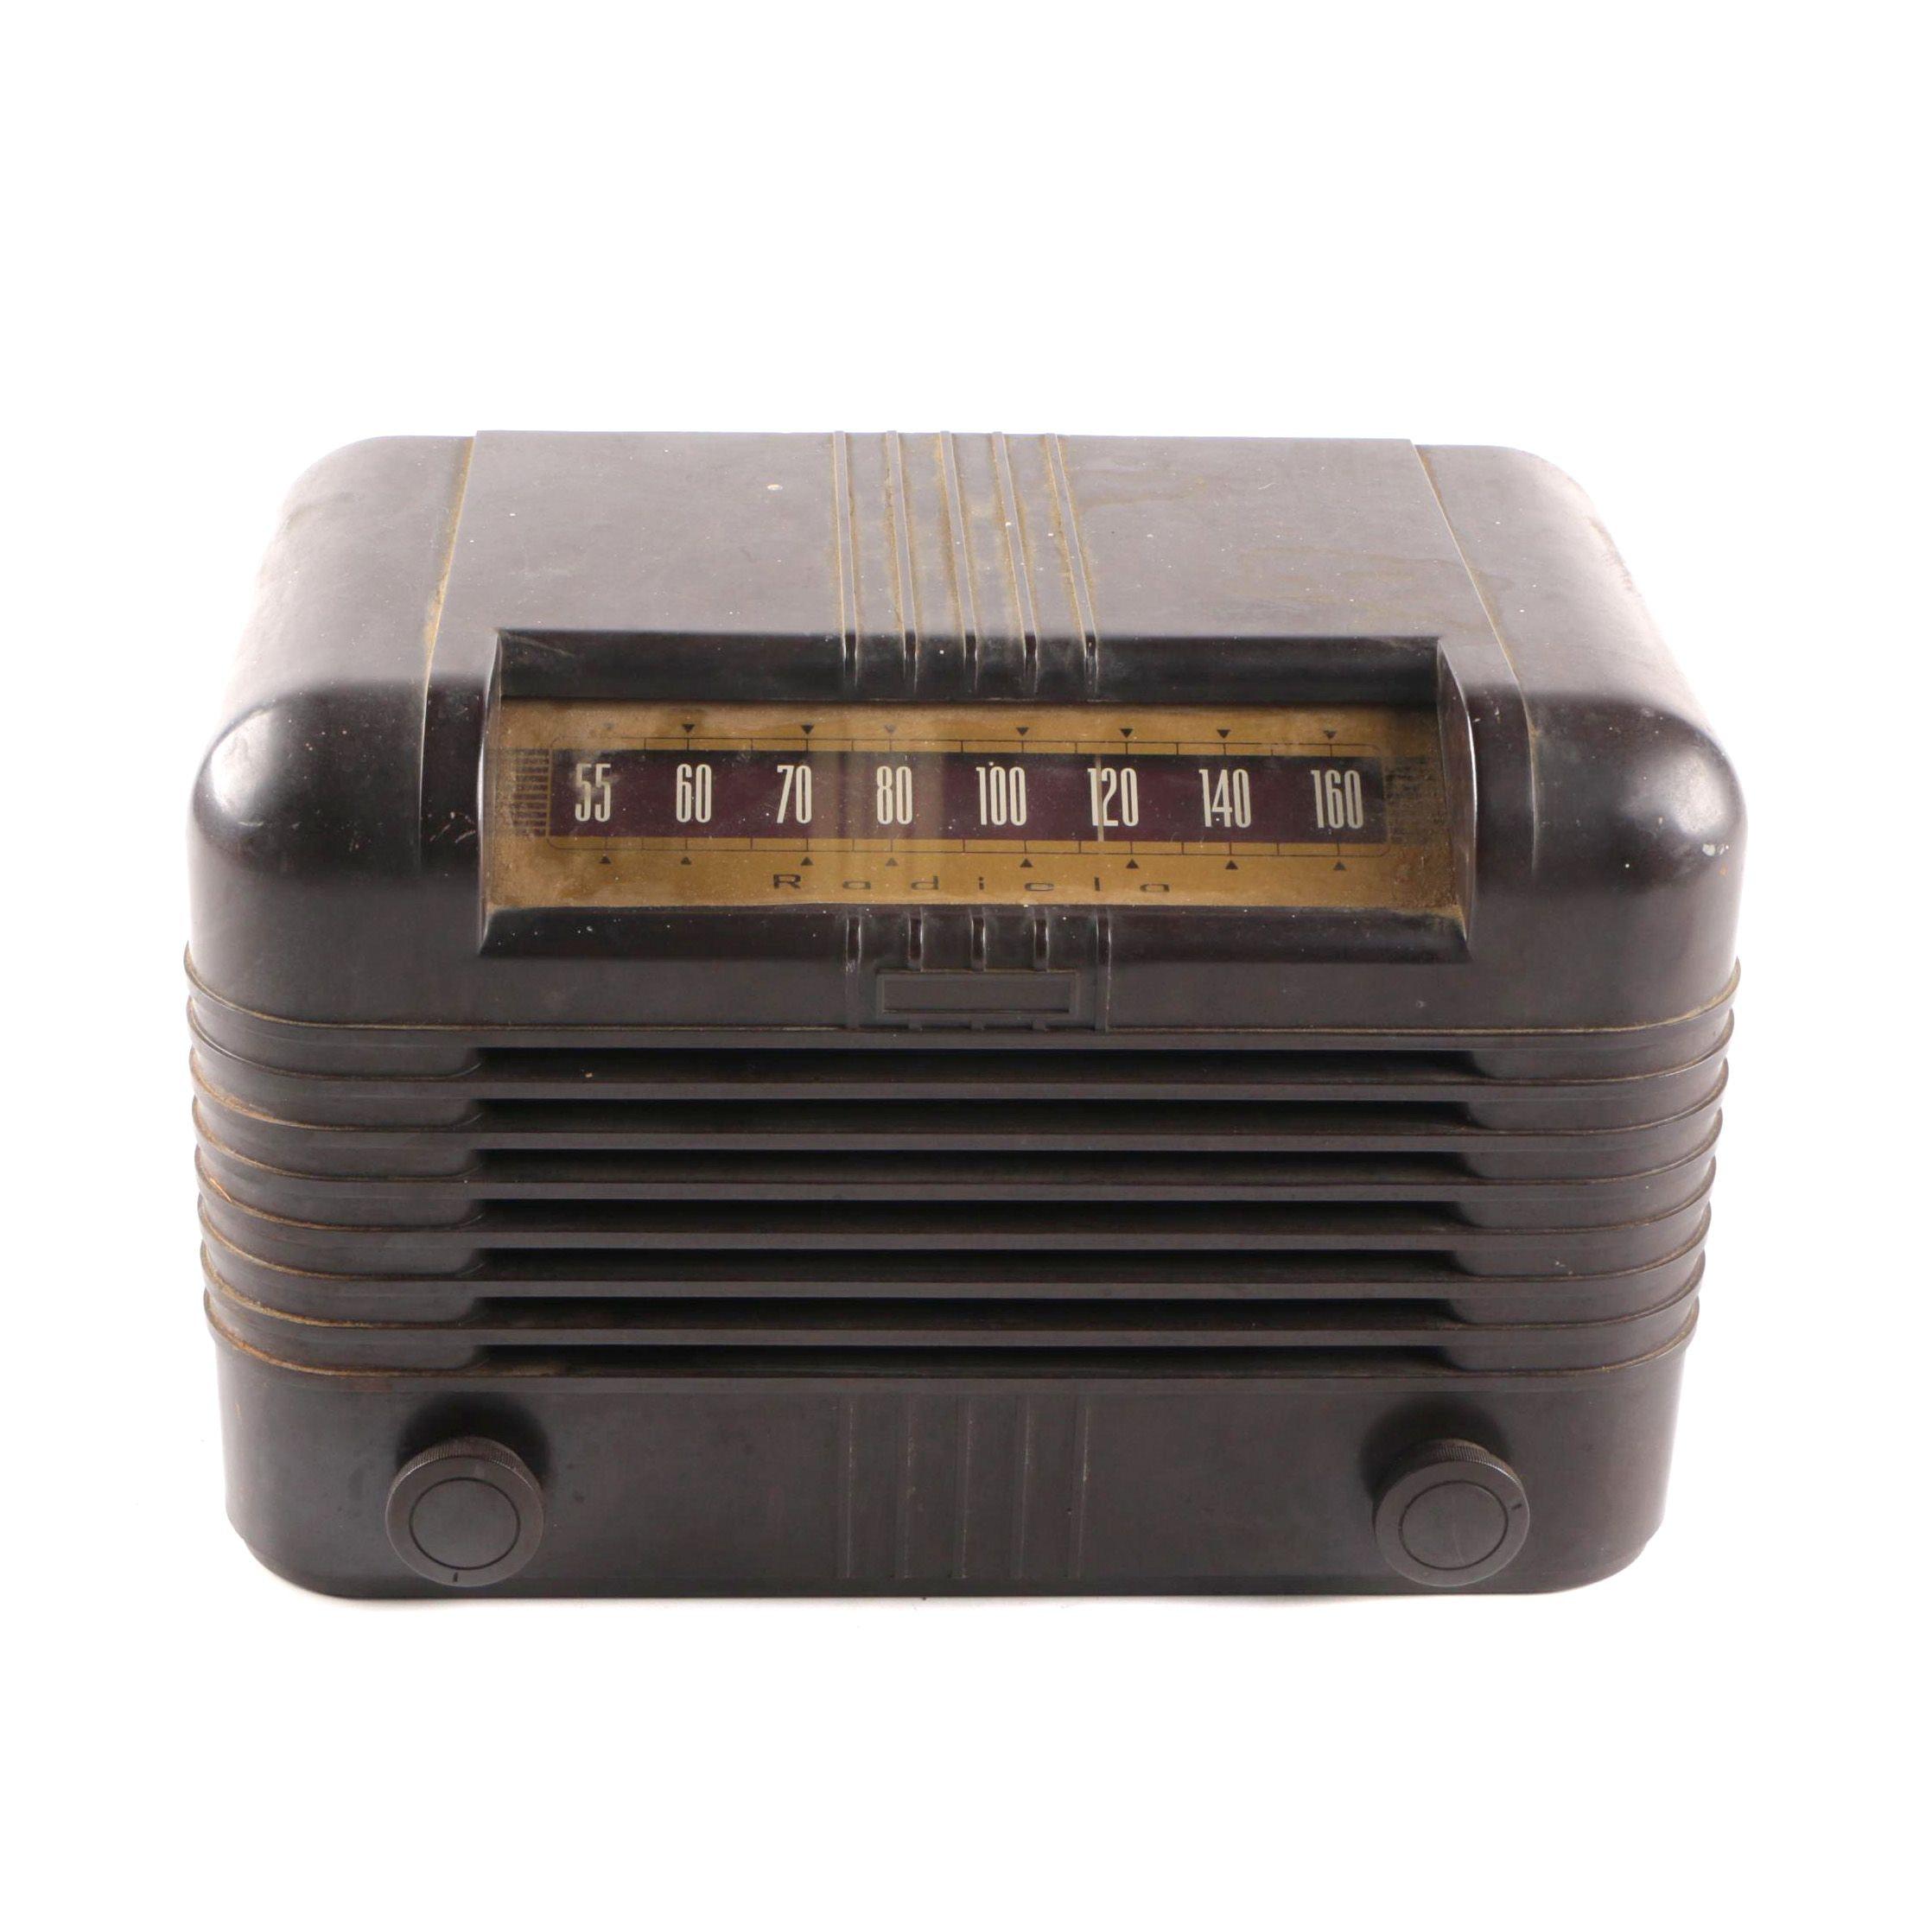 Vintage 1947 Radiola Table Radio